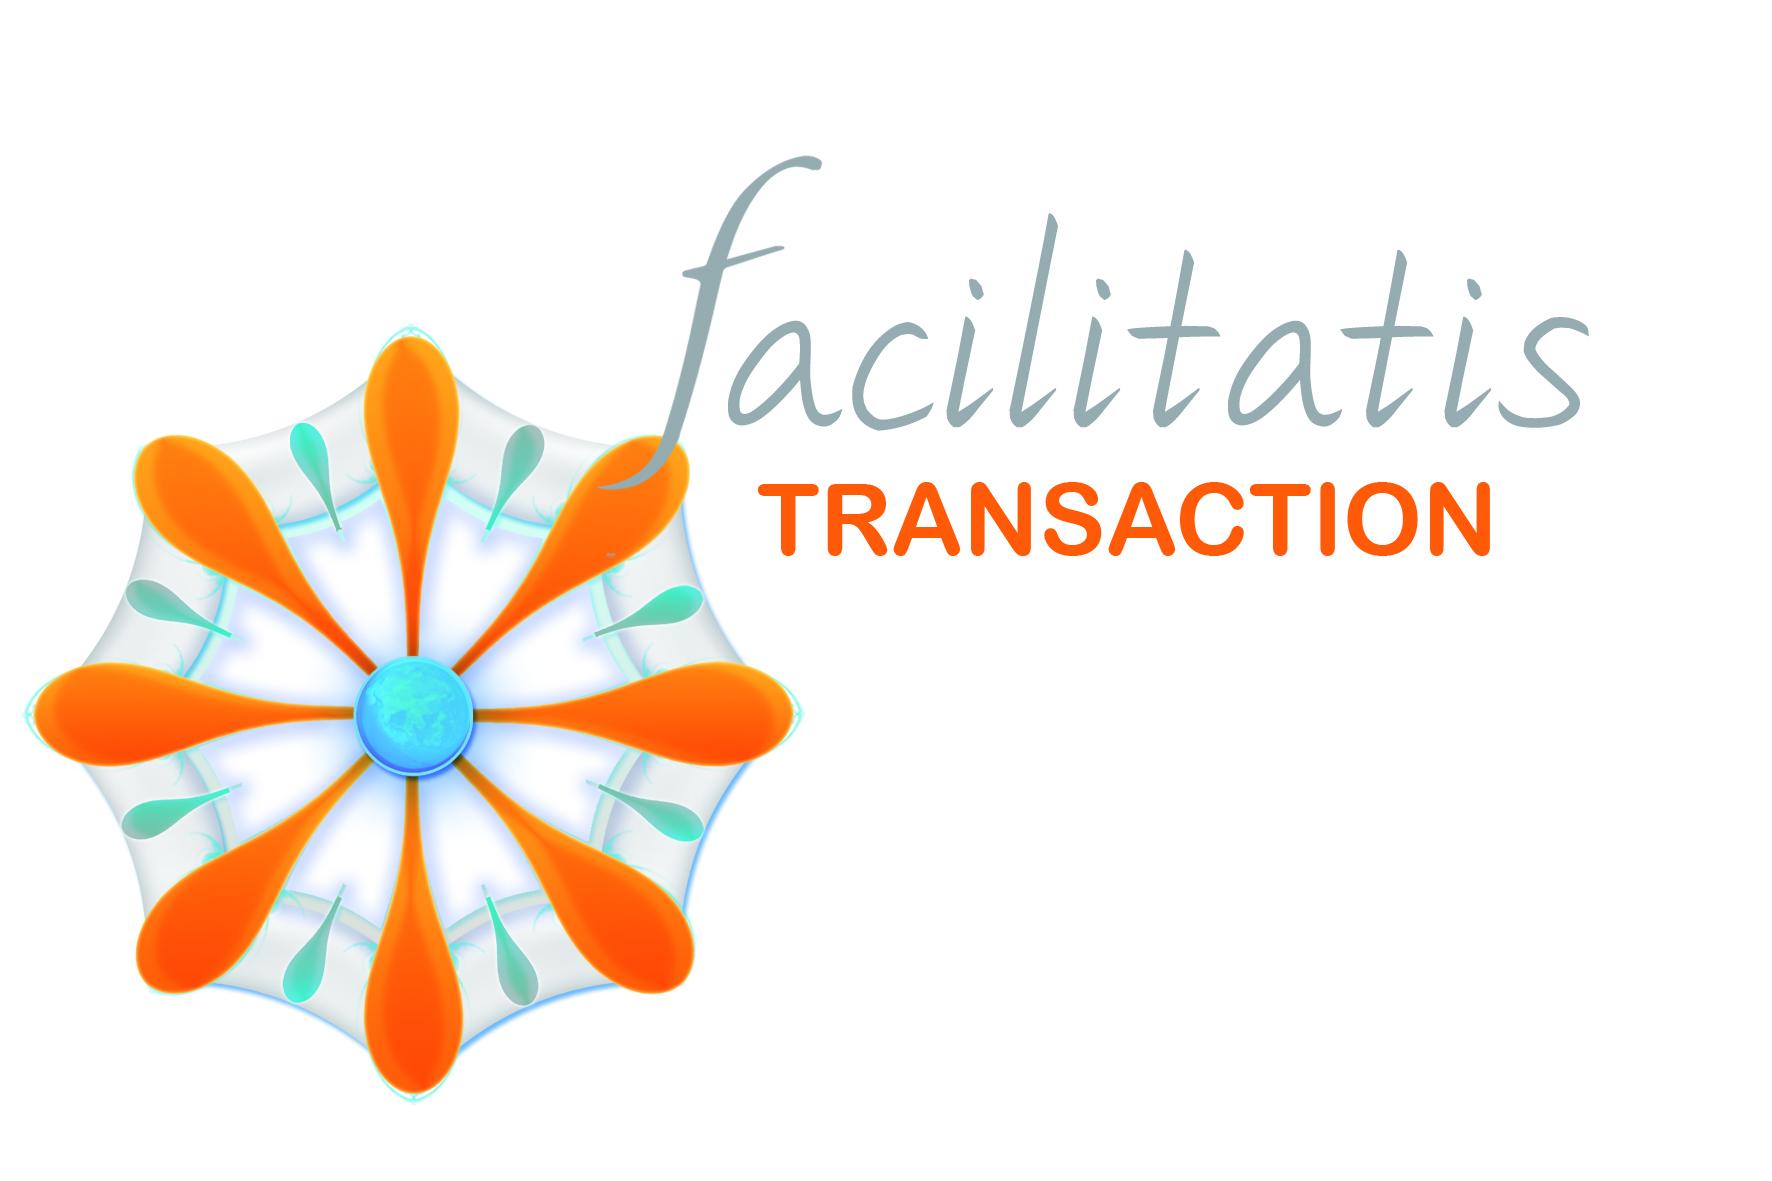 Facilitatis Transaction Agence Immobilière